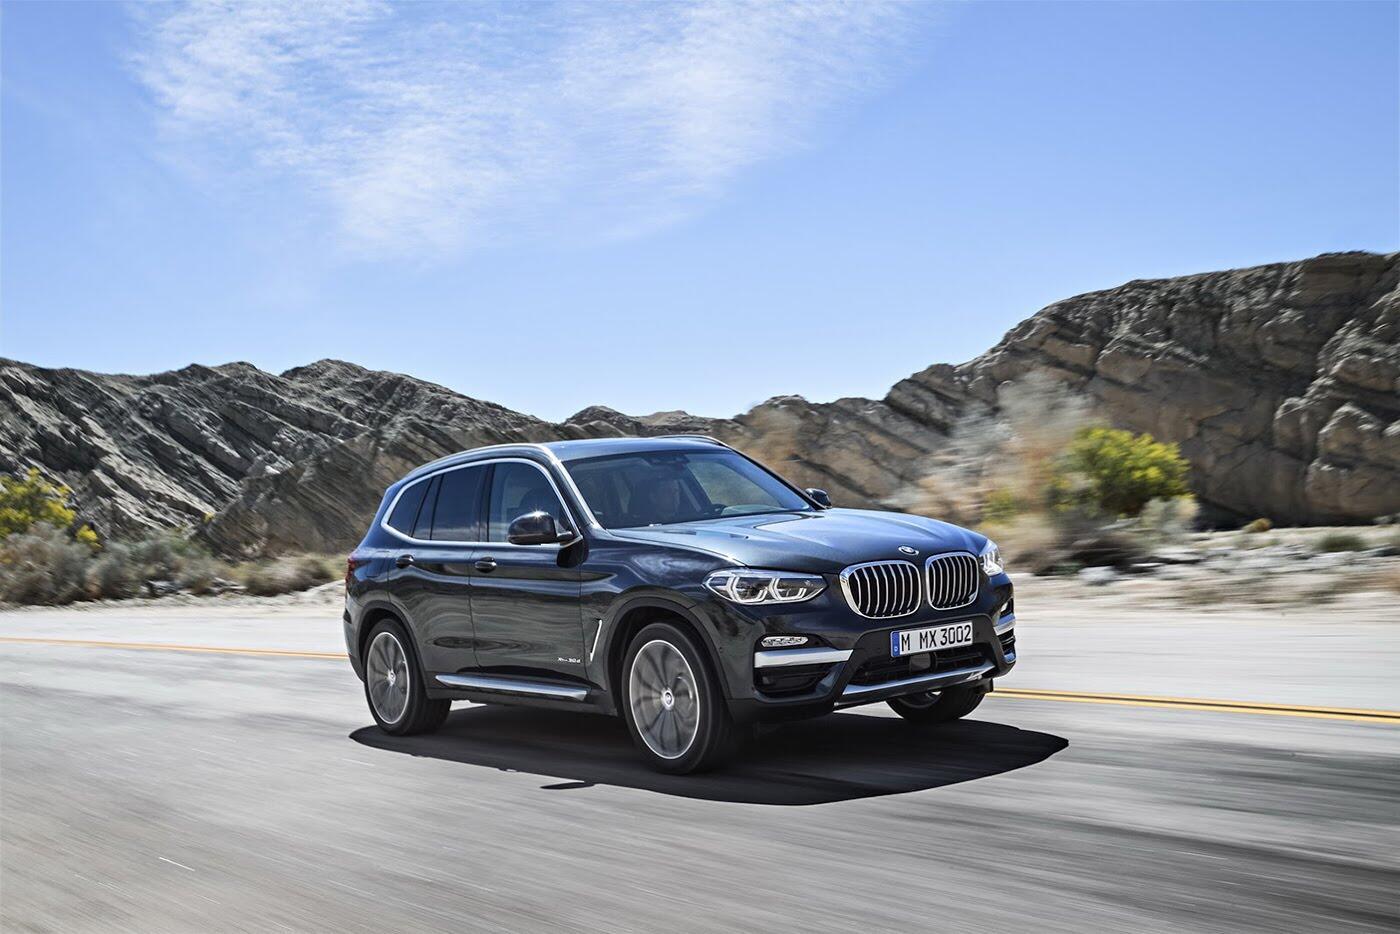 Ảnh chi tiết BMW X3 2018 hoàn toàn mới - Hình 23